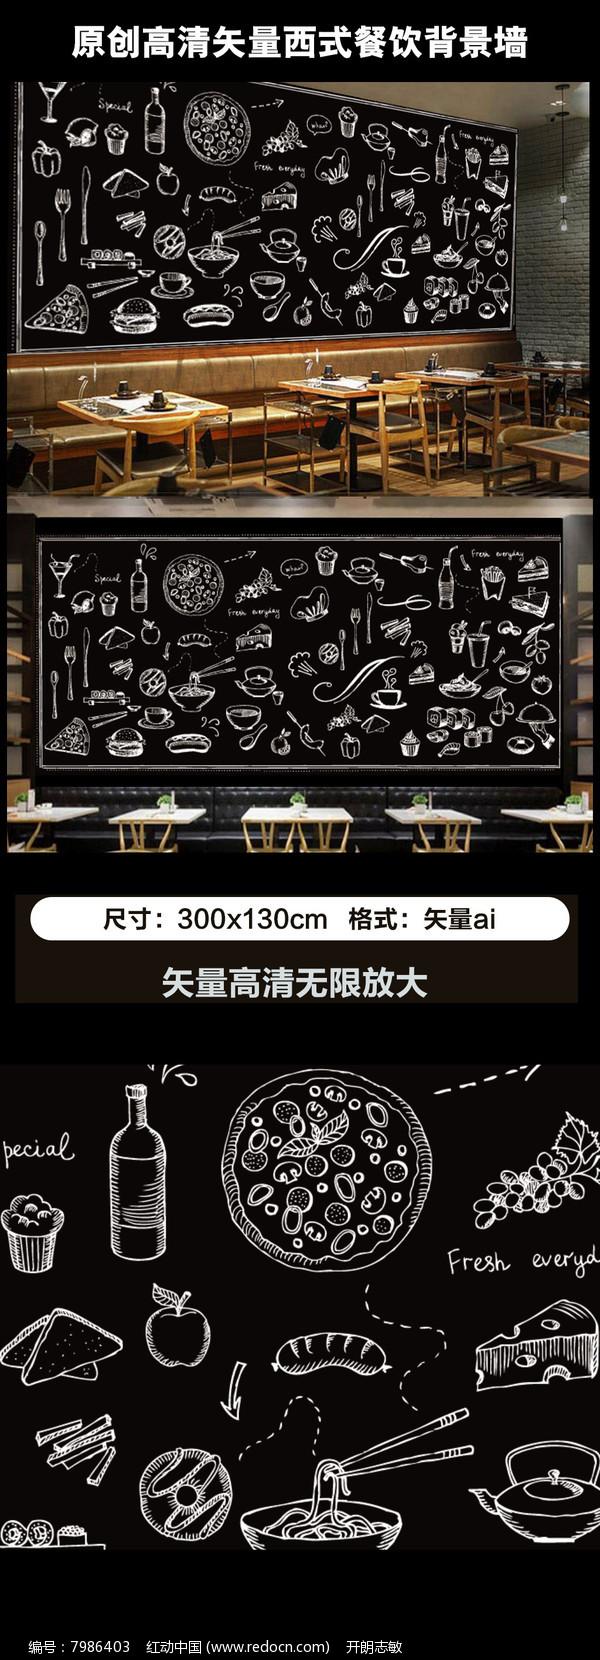 欧美手绘黑板美食咖啡店背景墙图片图片